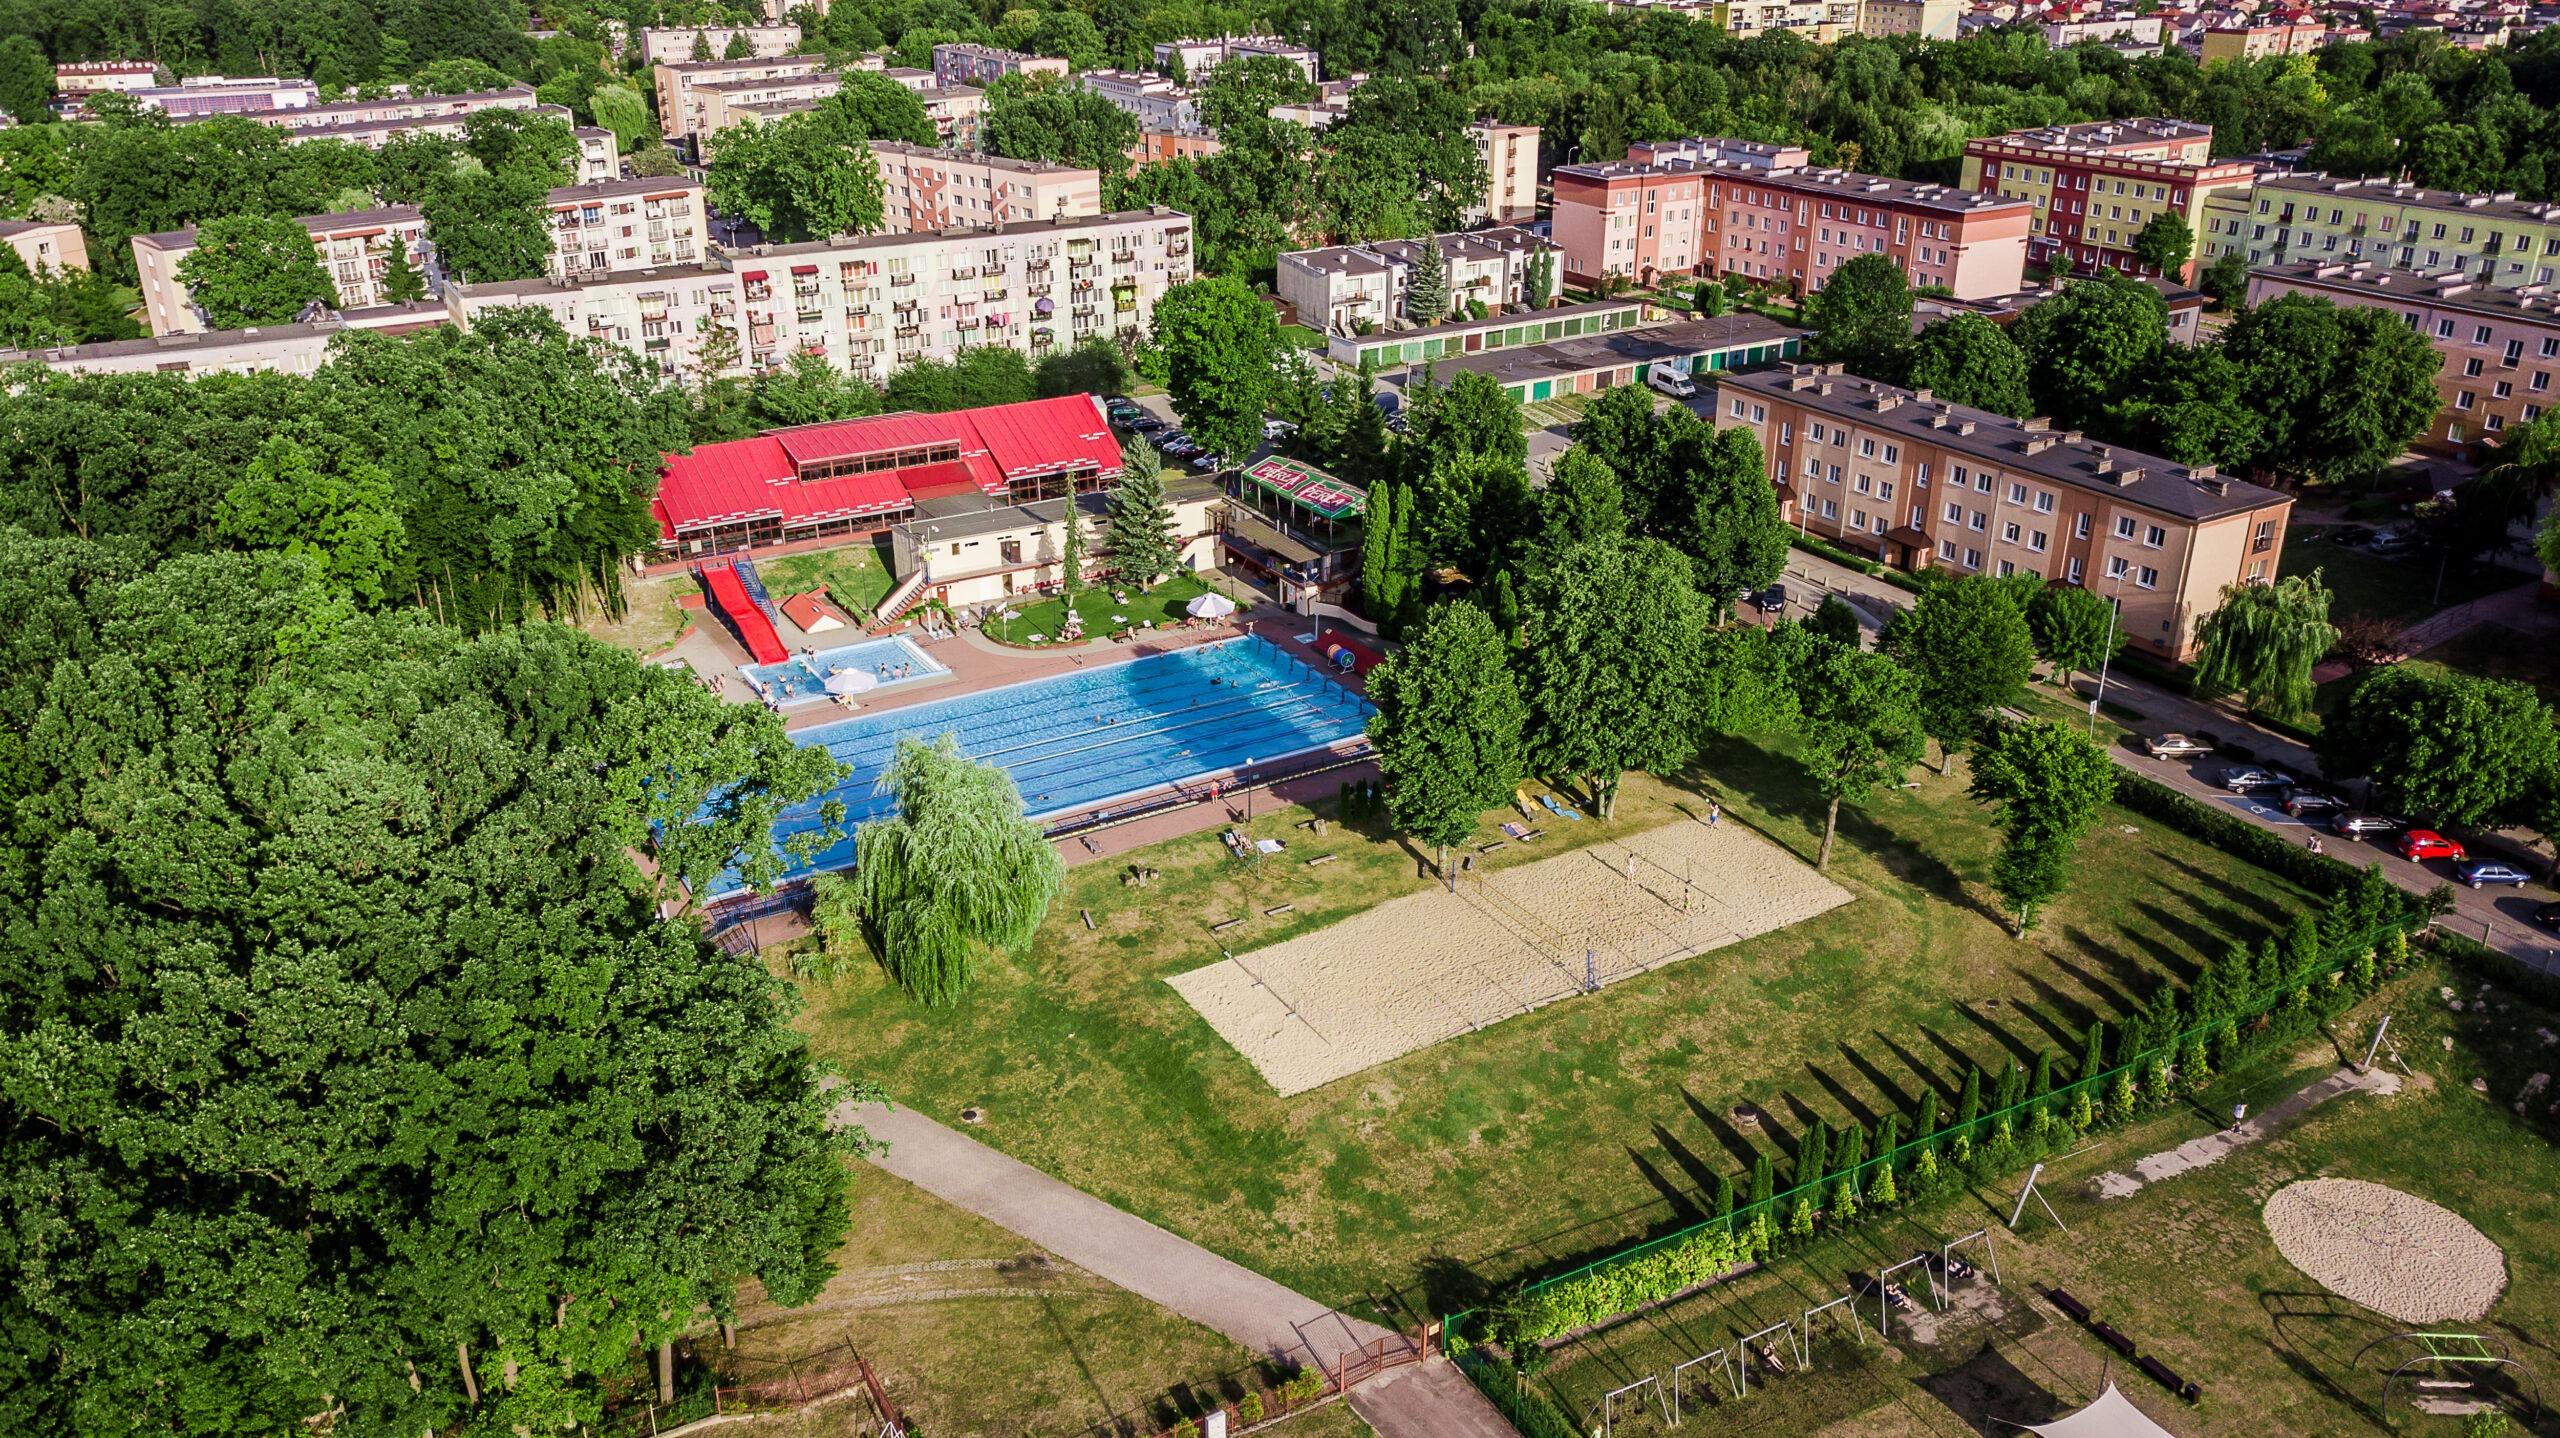 Zdjęcie przedstawia widok z drona na boisko do piłki plażowej i basen odkryty oraz budynek basenu zakrytego Miejskiego Ośrodka Sportu i Rekreacji